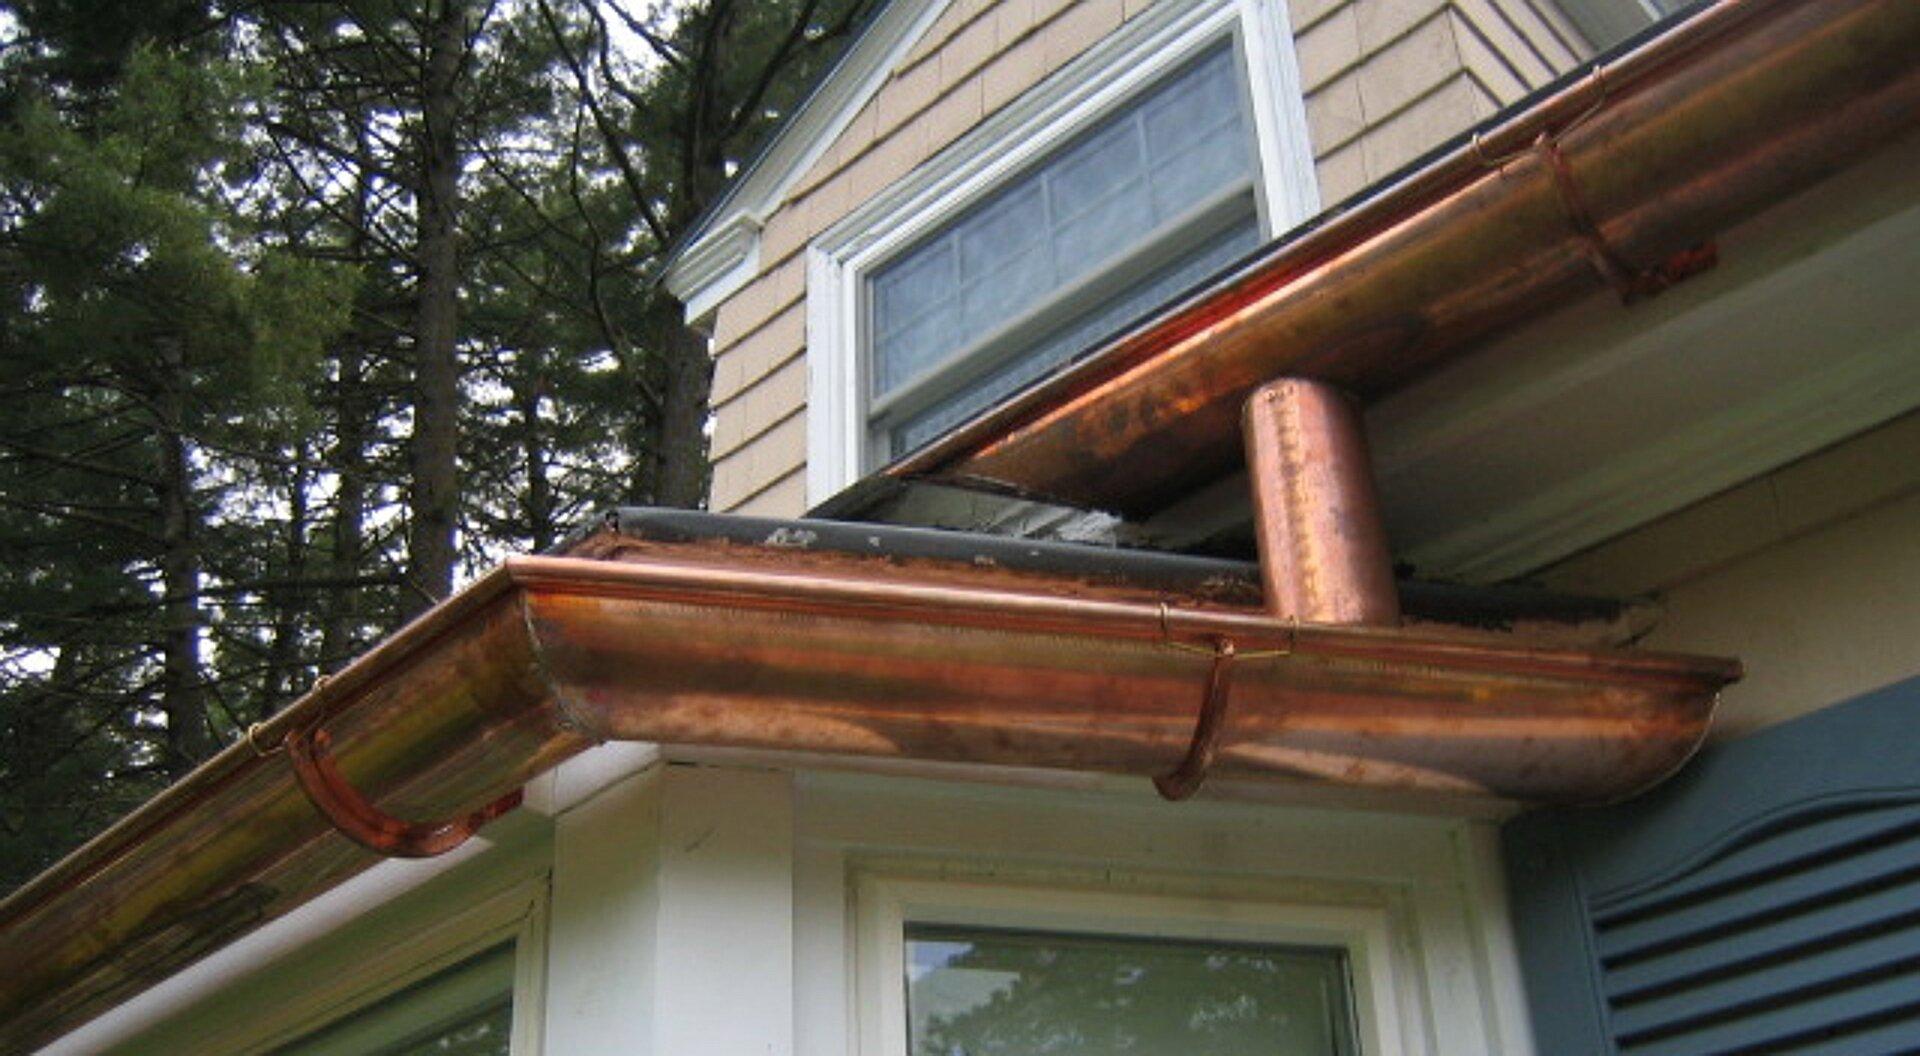 Zdjęcie przedstawia zbliżenie miedzianych rynien na dachu domu.